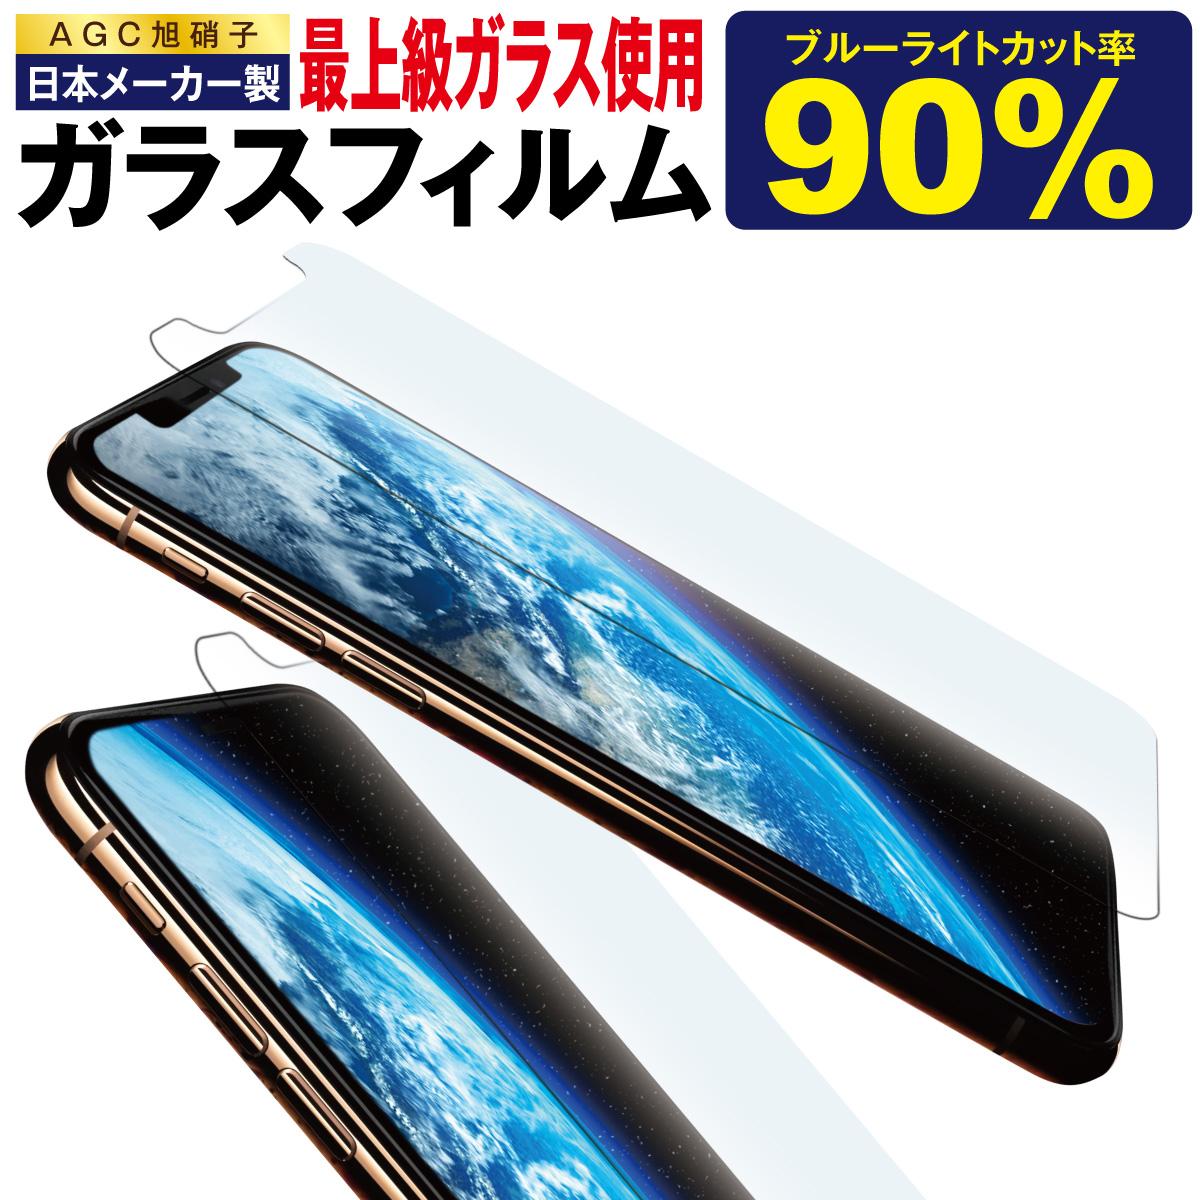 f6abe50a99 送料無料 強化ガラスフィルム ブルーライトカット フィルム ガラスフィルム ブルーライト 強化ガラス 保護